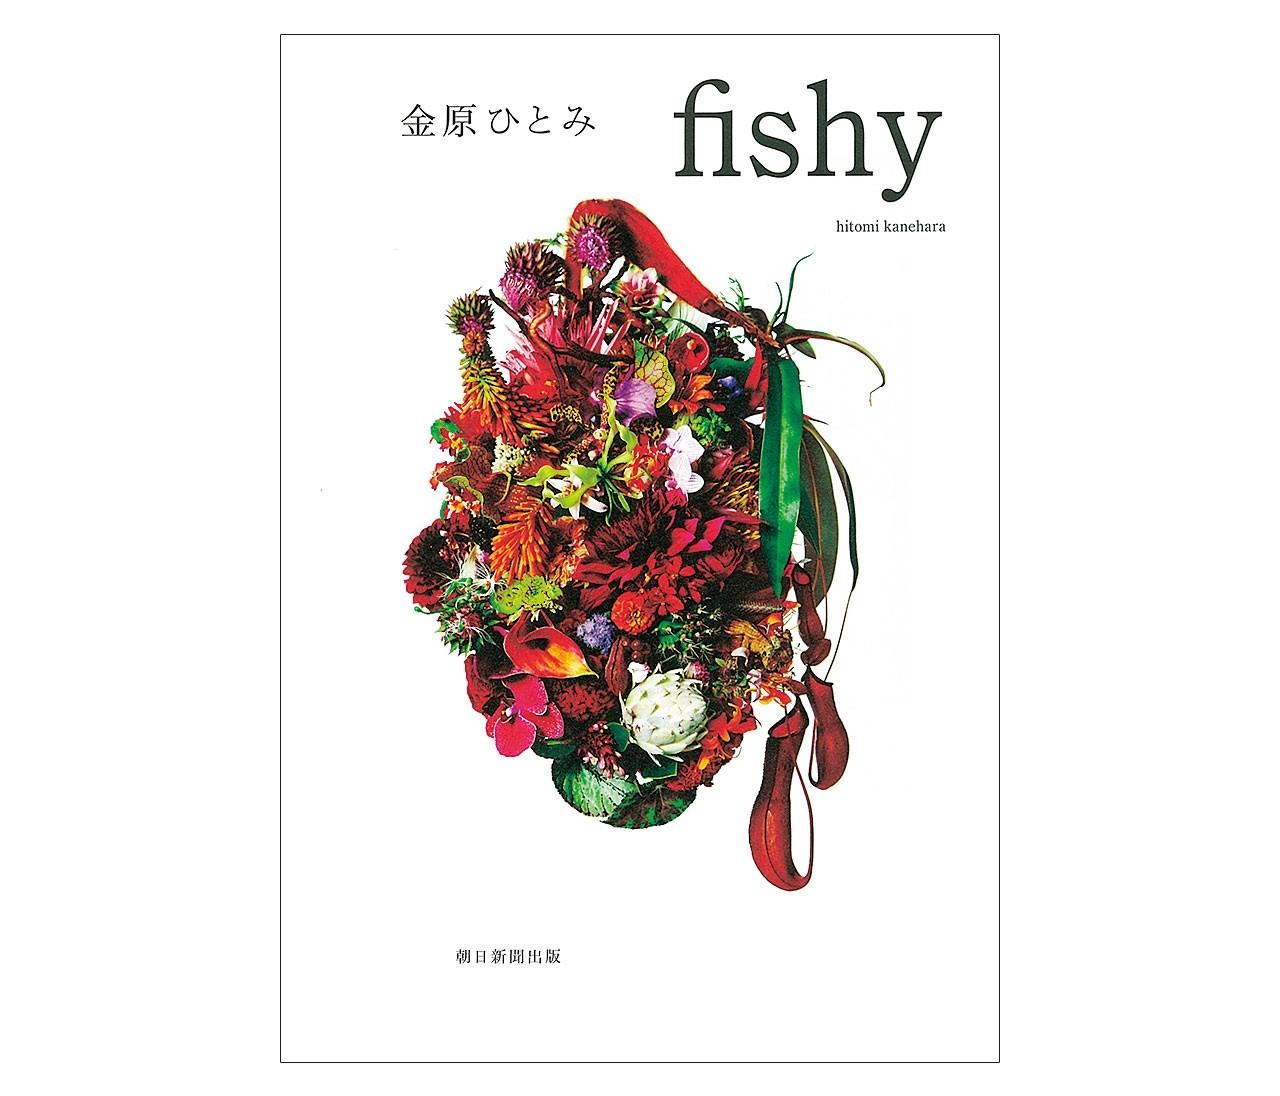 金原ひとみさんの新刊『fishy』をレビュー!【30代におすすめの本】